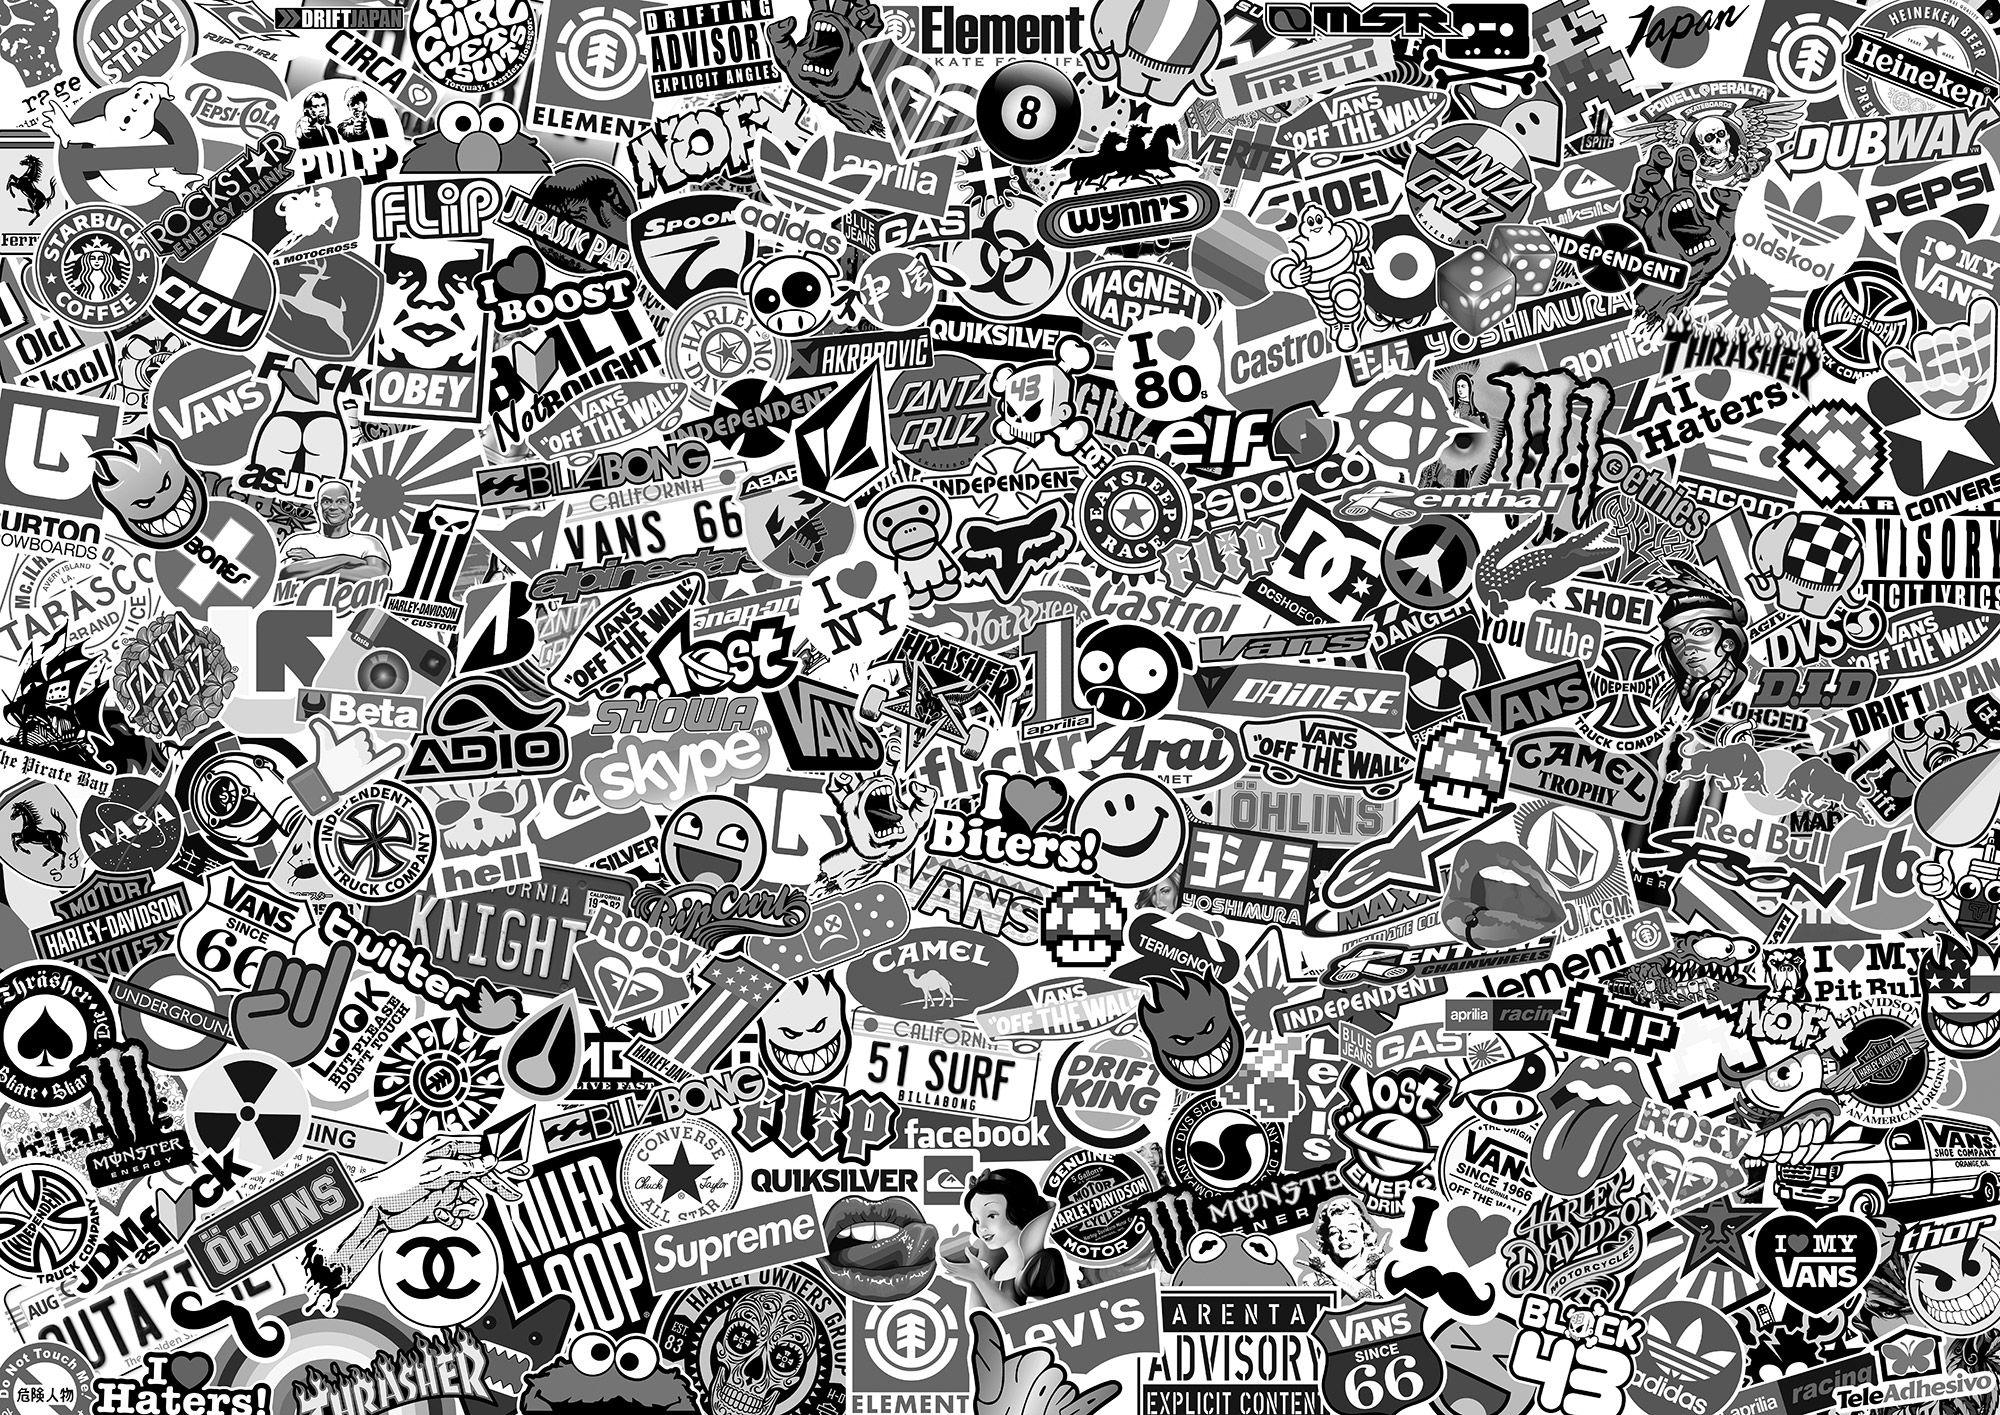 Pegatinas: Stickerbomb XL blanco y negro para decorar tablas de surf o skate. Disponibles varios modelos y tamaños de adhesivos #stickerbomb #pegatina #skate